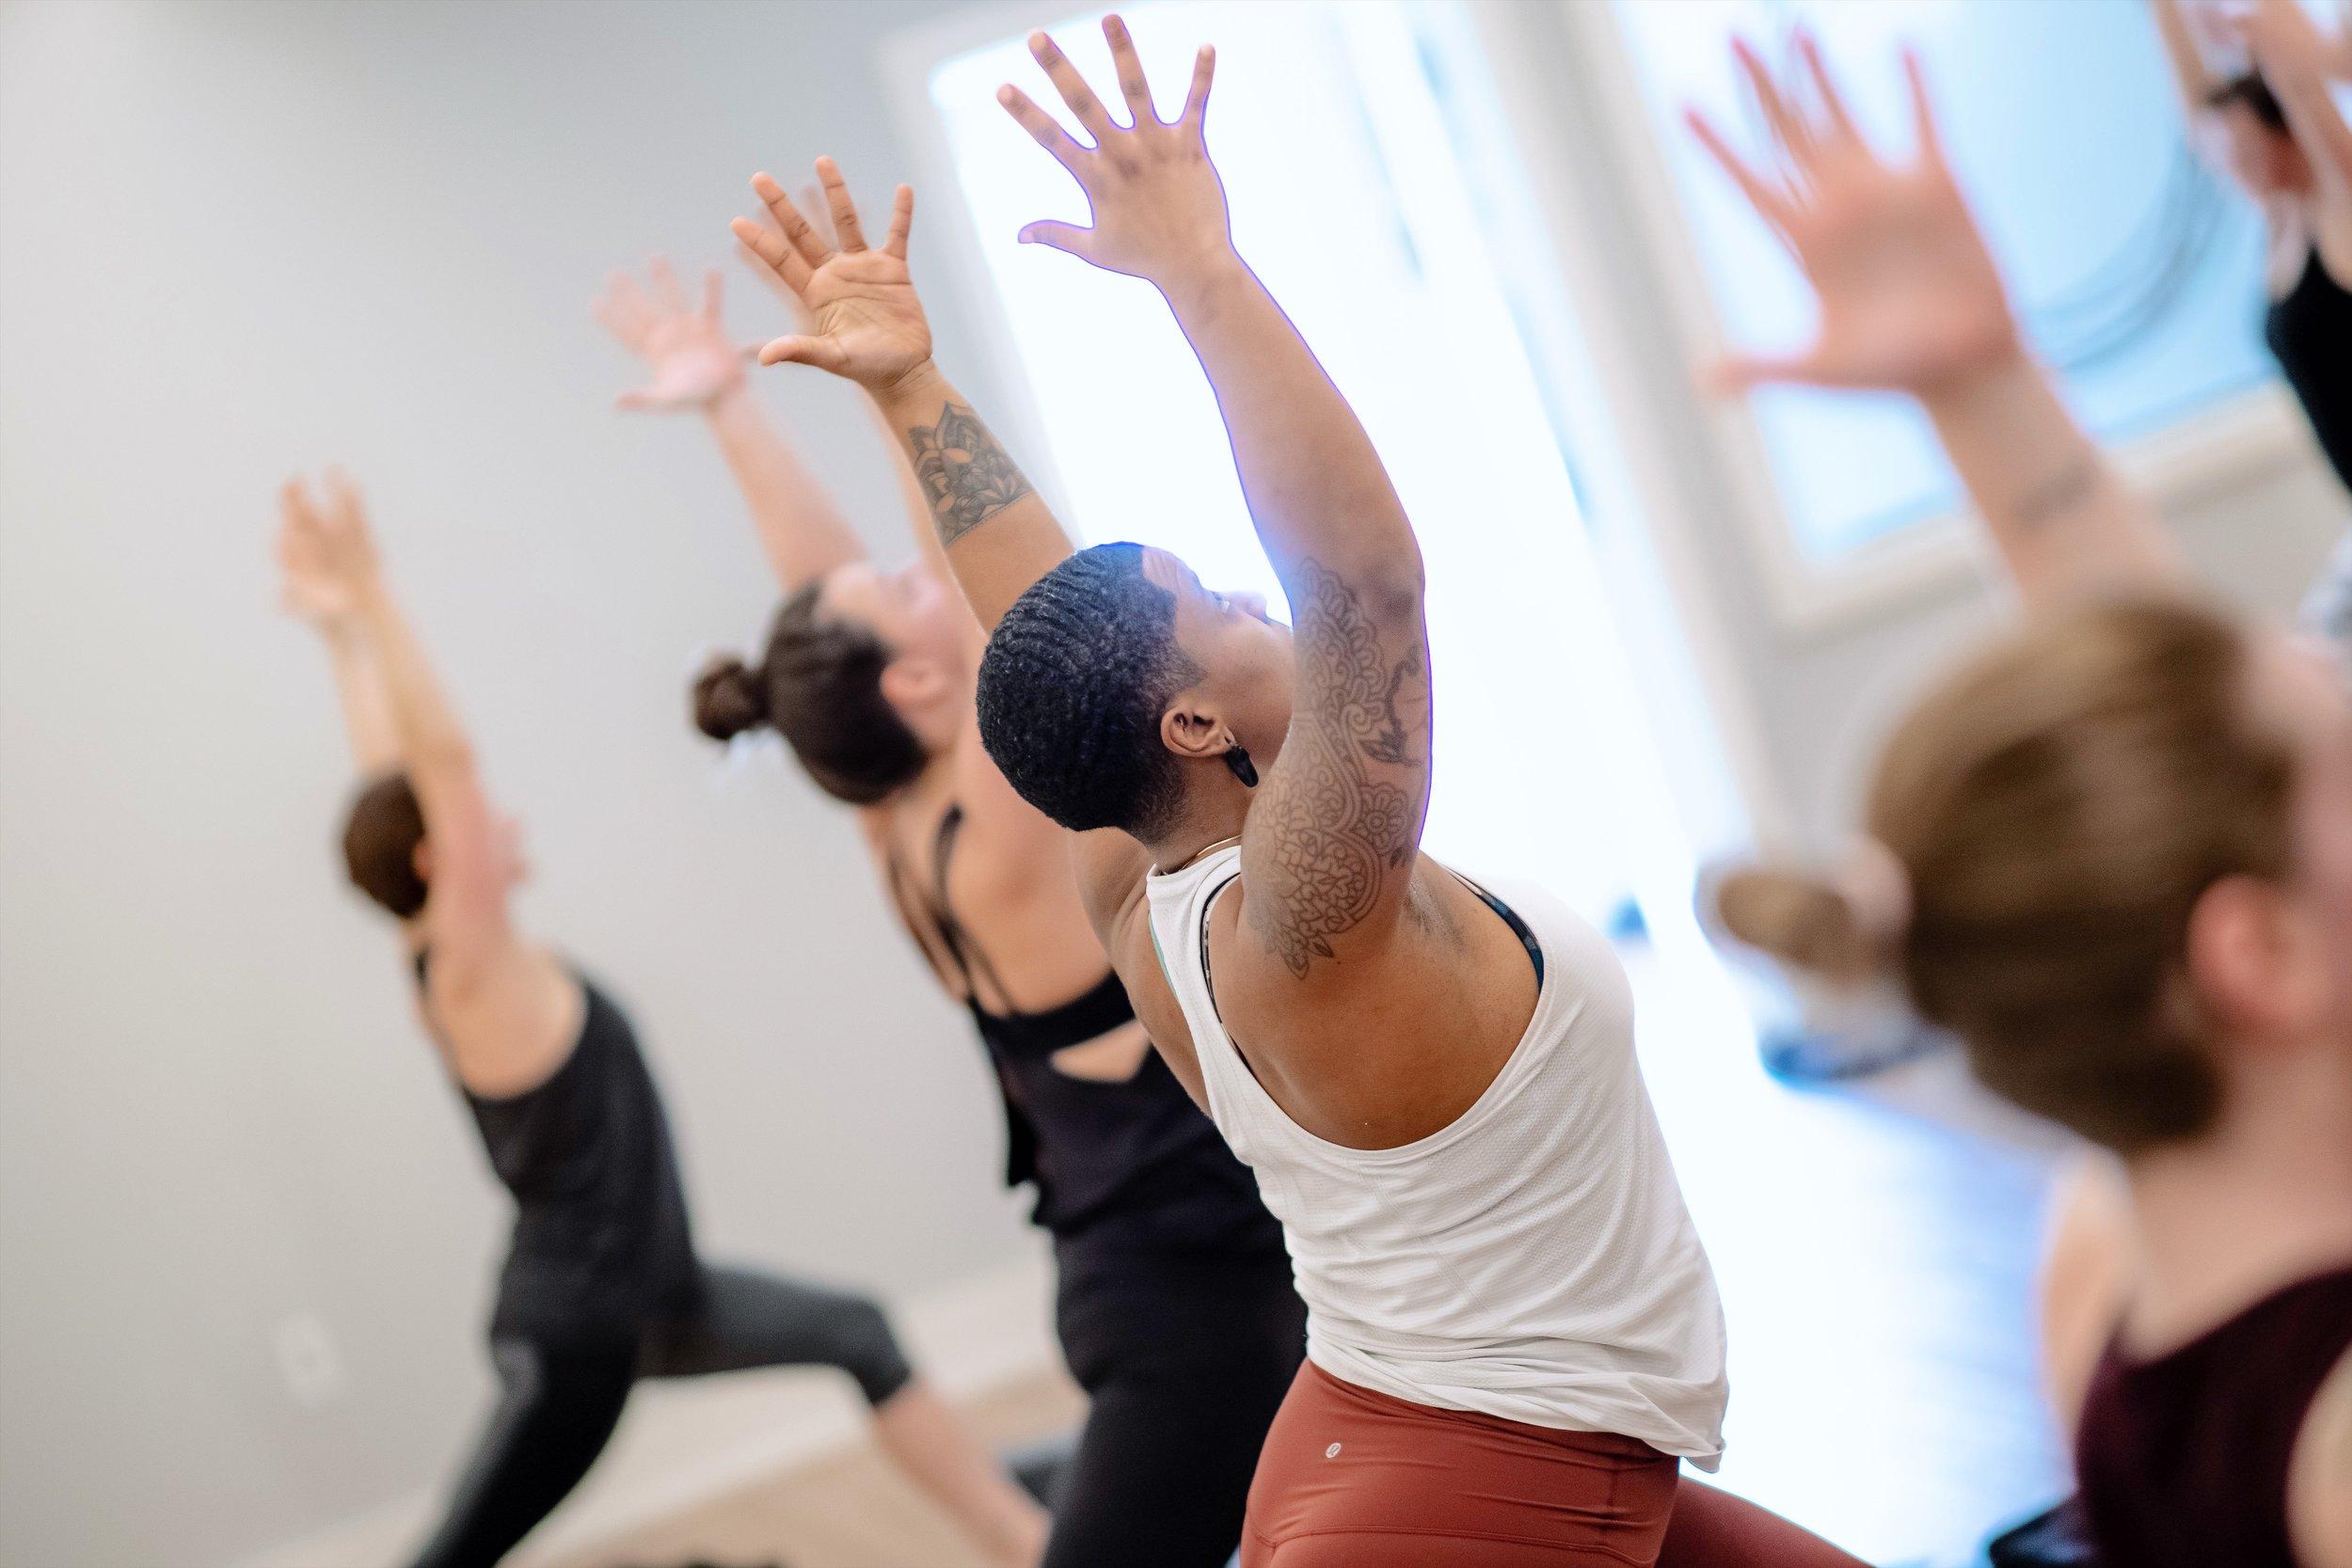 Toledo Yoga - Baptiste Affiliate Power Studio in Ohio